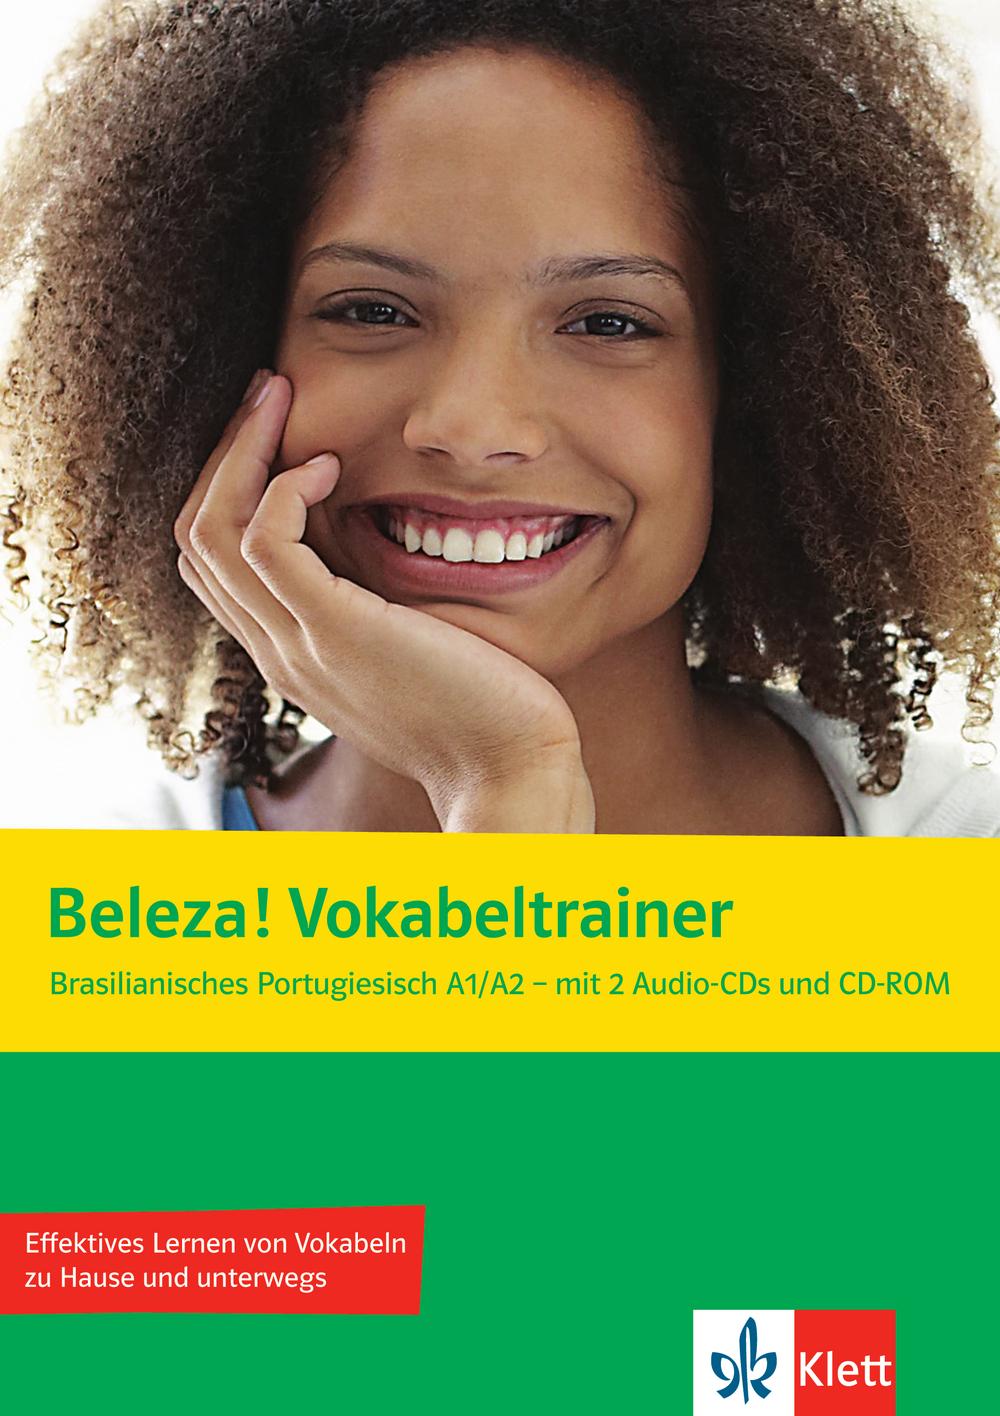 Beleza!. Vokabeltrainer (A1/A2): Brasilianische...